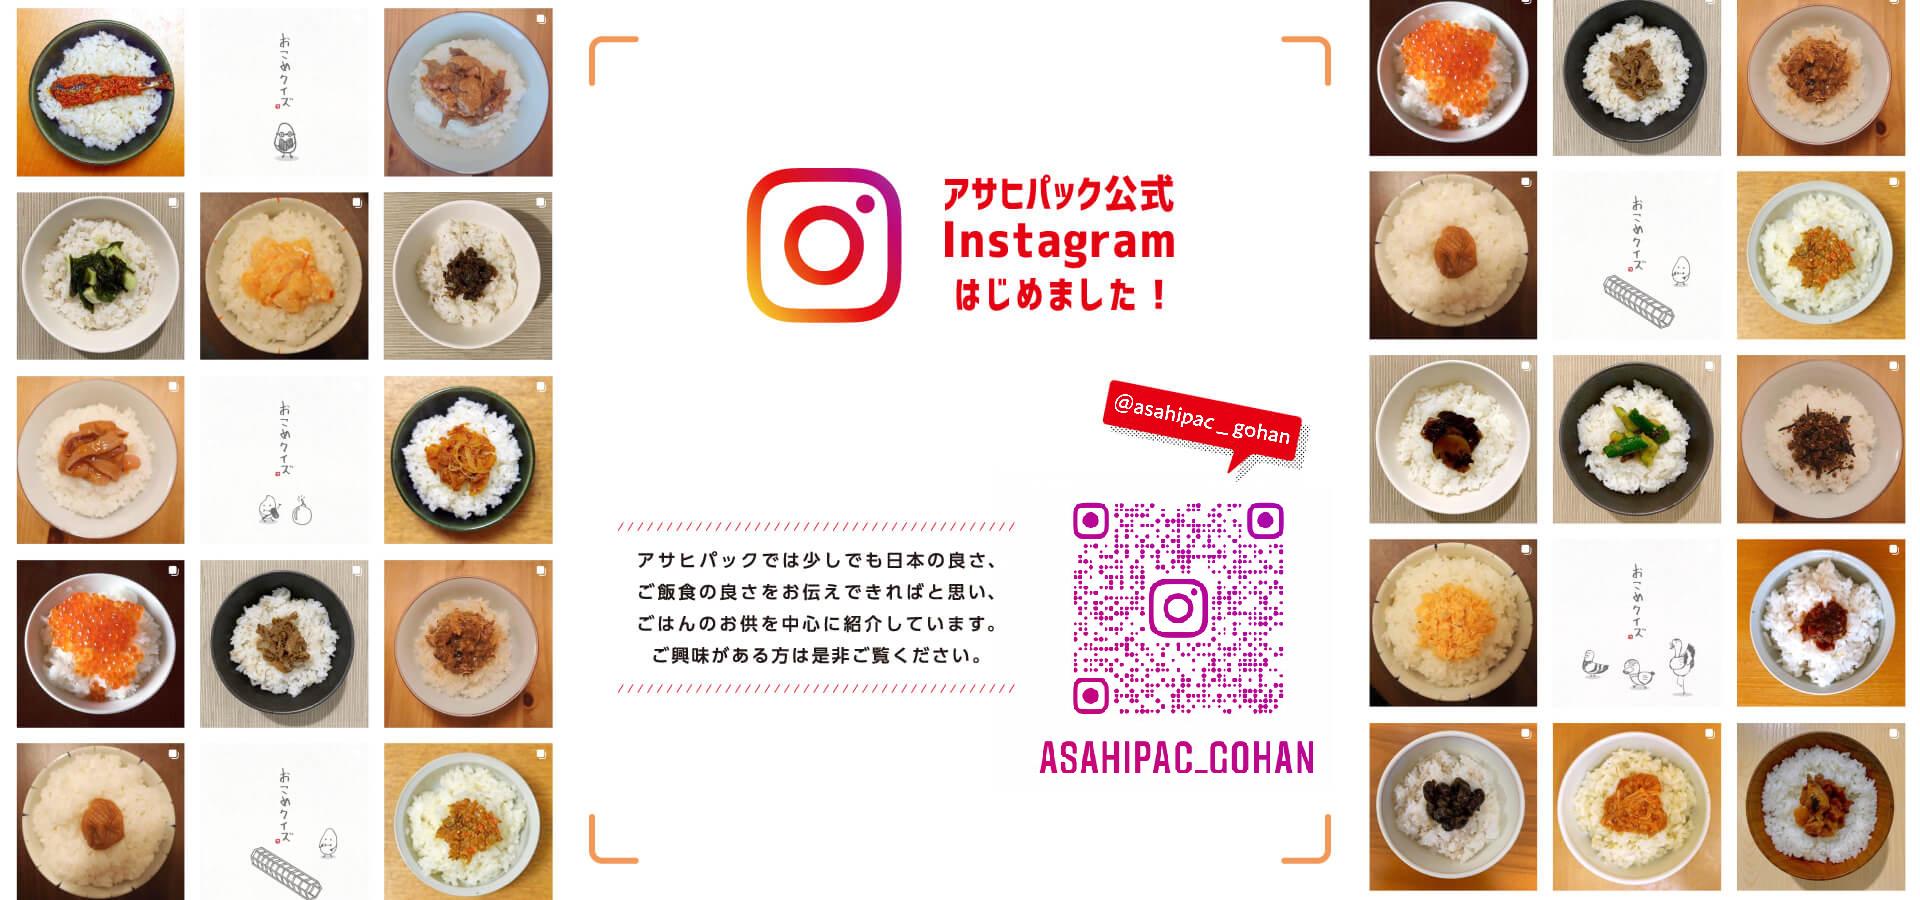 アサヒパック公式instagramはじめました